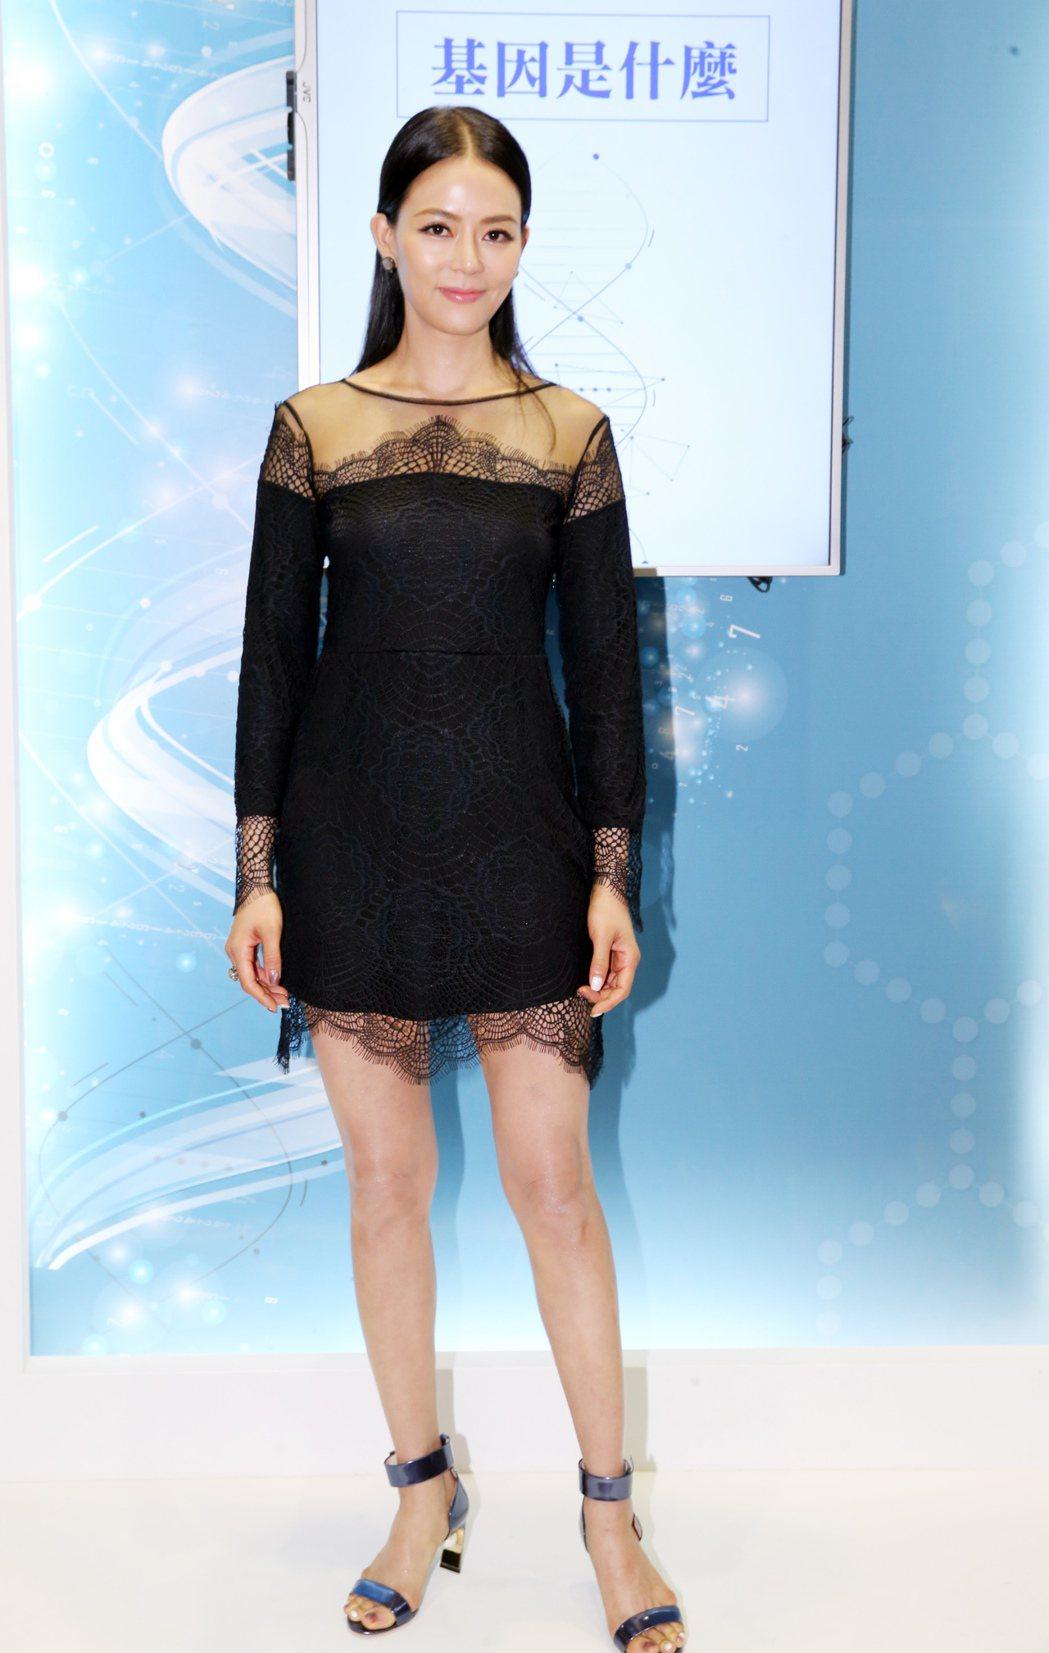 劉香慈出席「台灣生物科技大展」為生技產品代言。記者徐兆玄/攝影